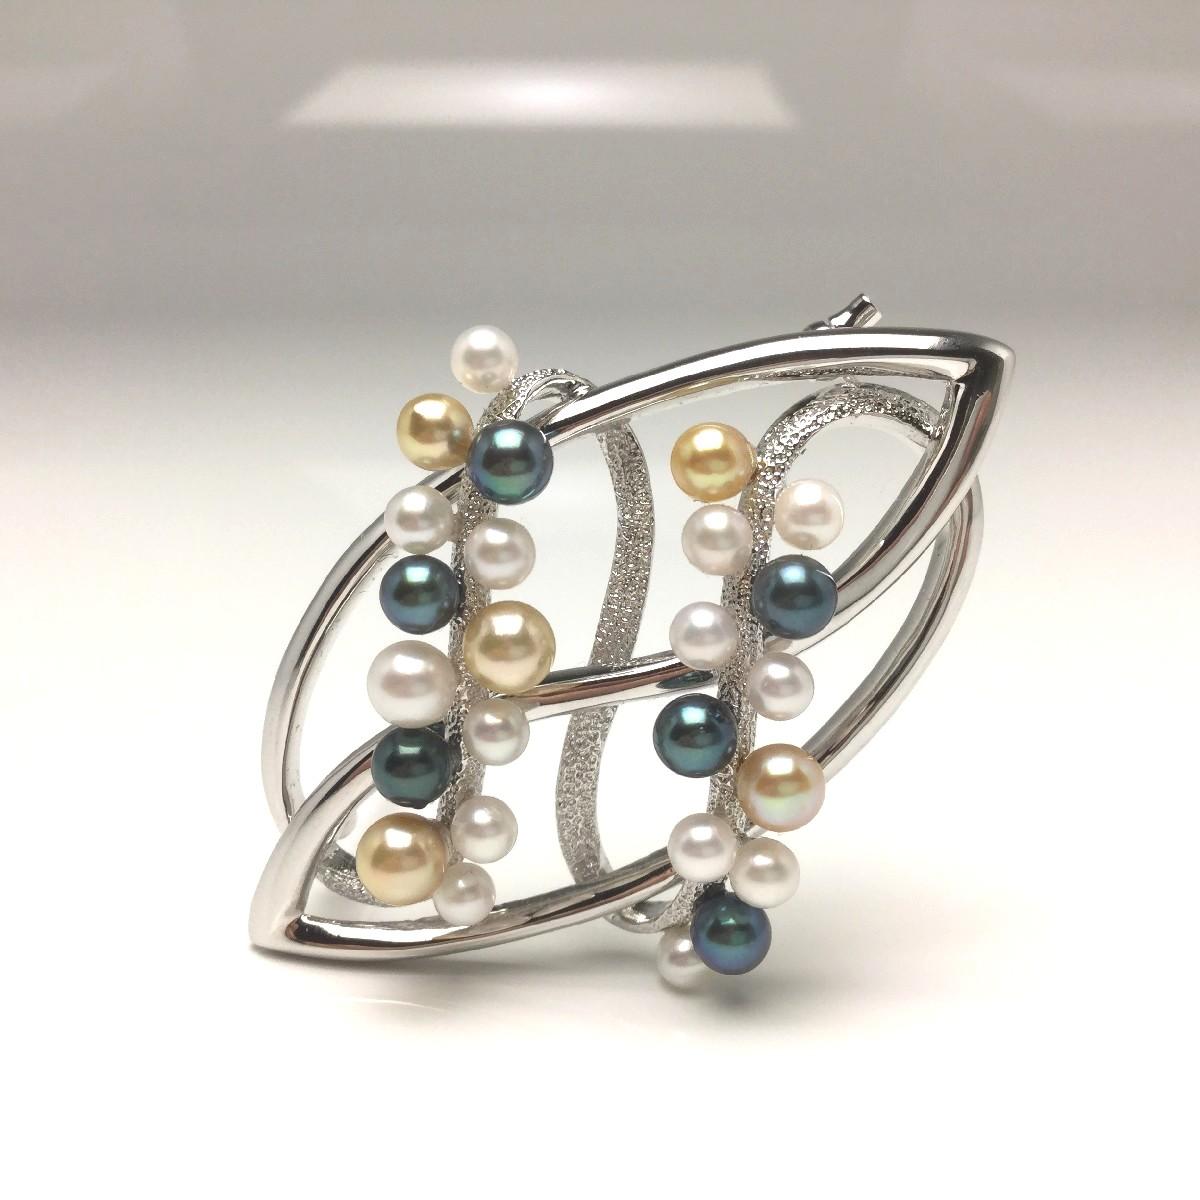 【送料無料】真珠の故郷・伊勢志摩で80余年の歴史 真珠専門店がお薦めする白蝶真珠ブローチ 真珠 ブローチ パール アコヤ真珠 3.5-4.5mm マルチカラー シルバー 66279 イソワパール